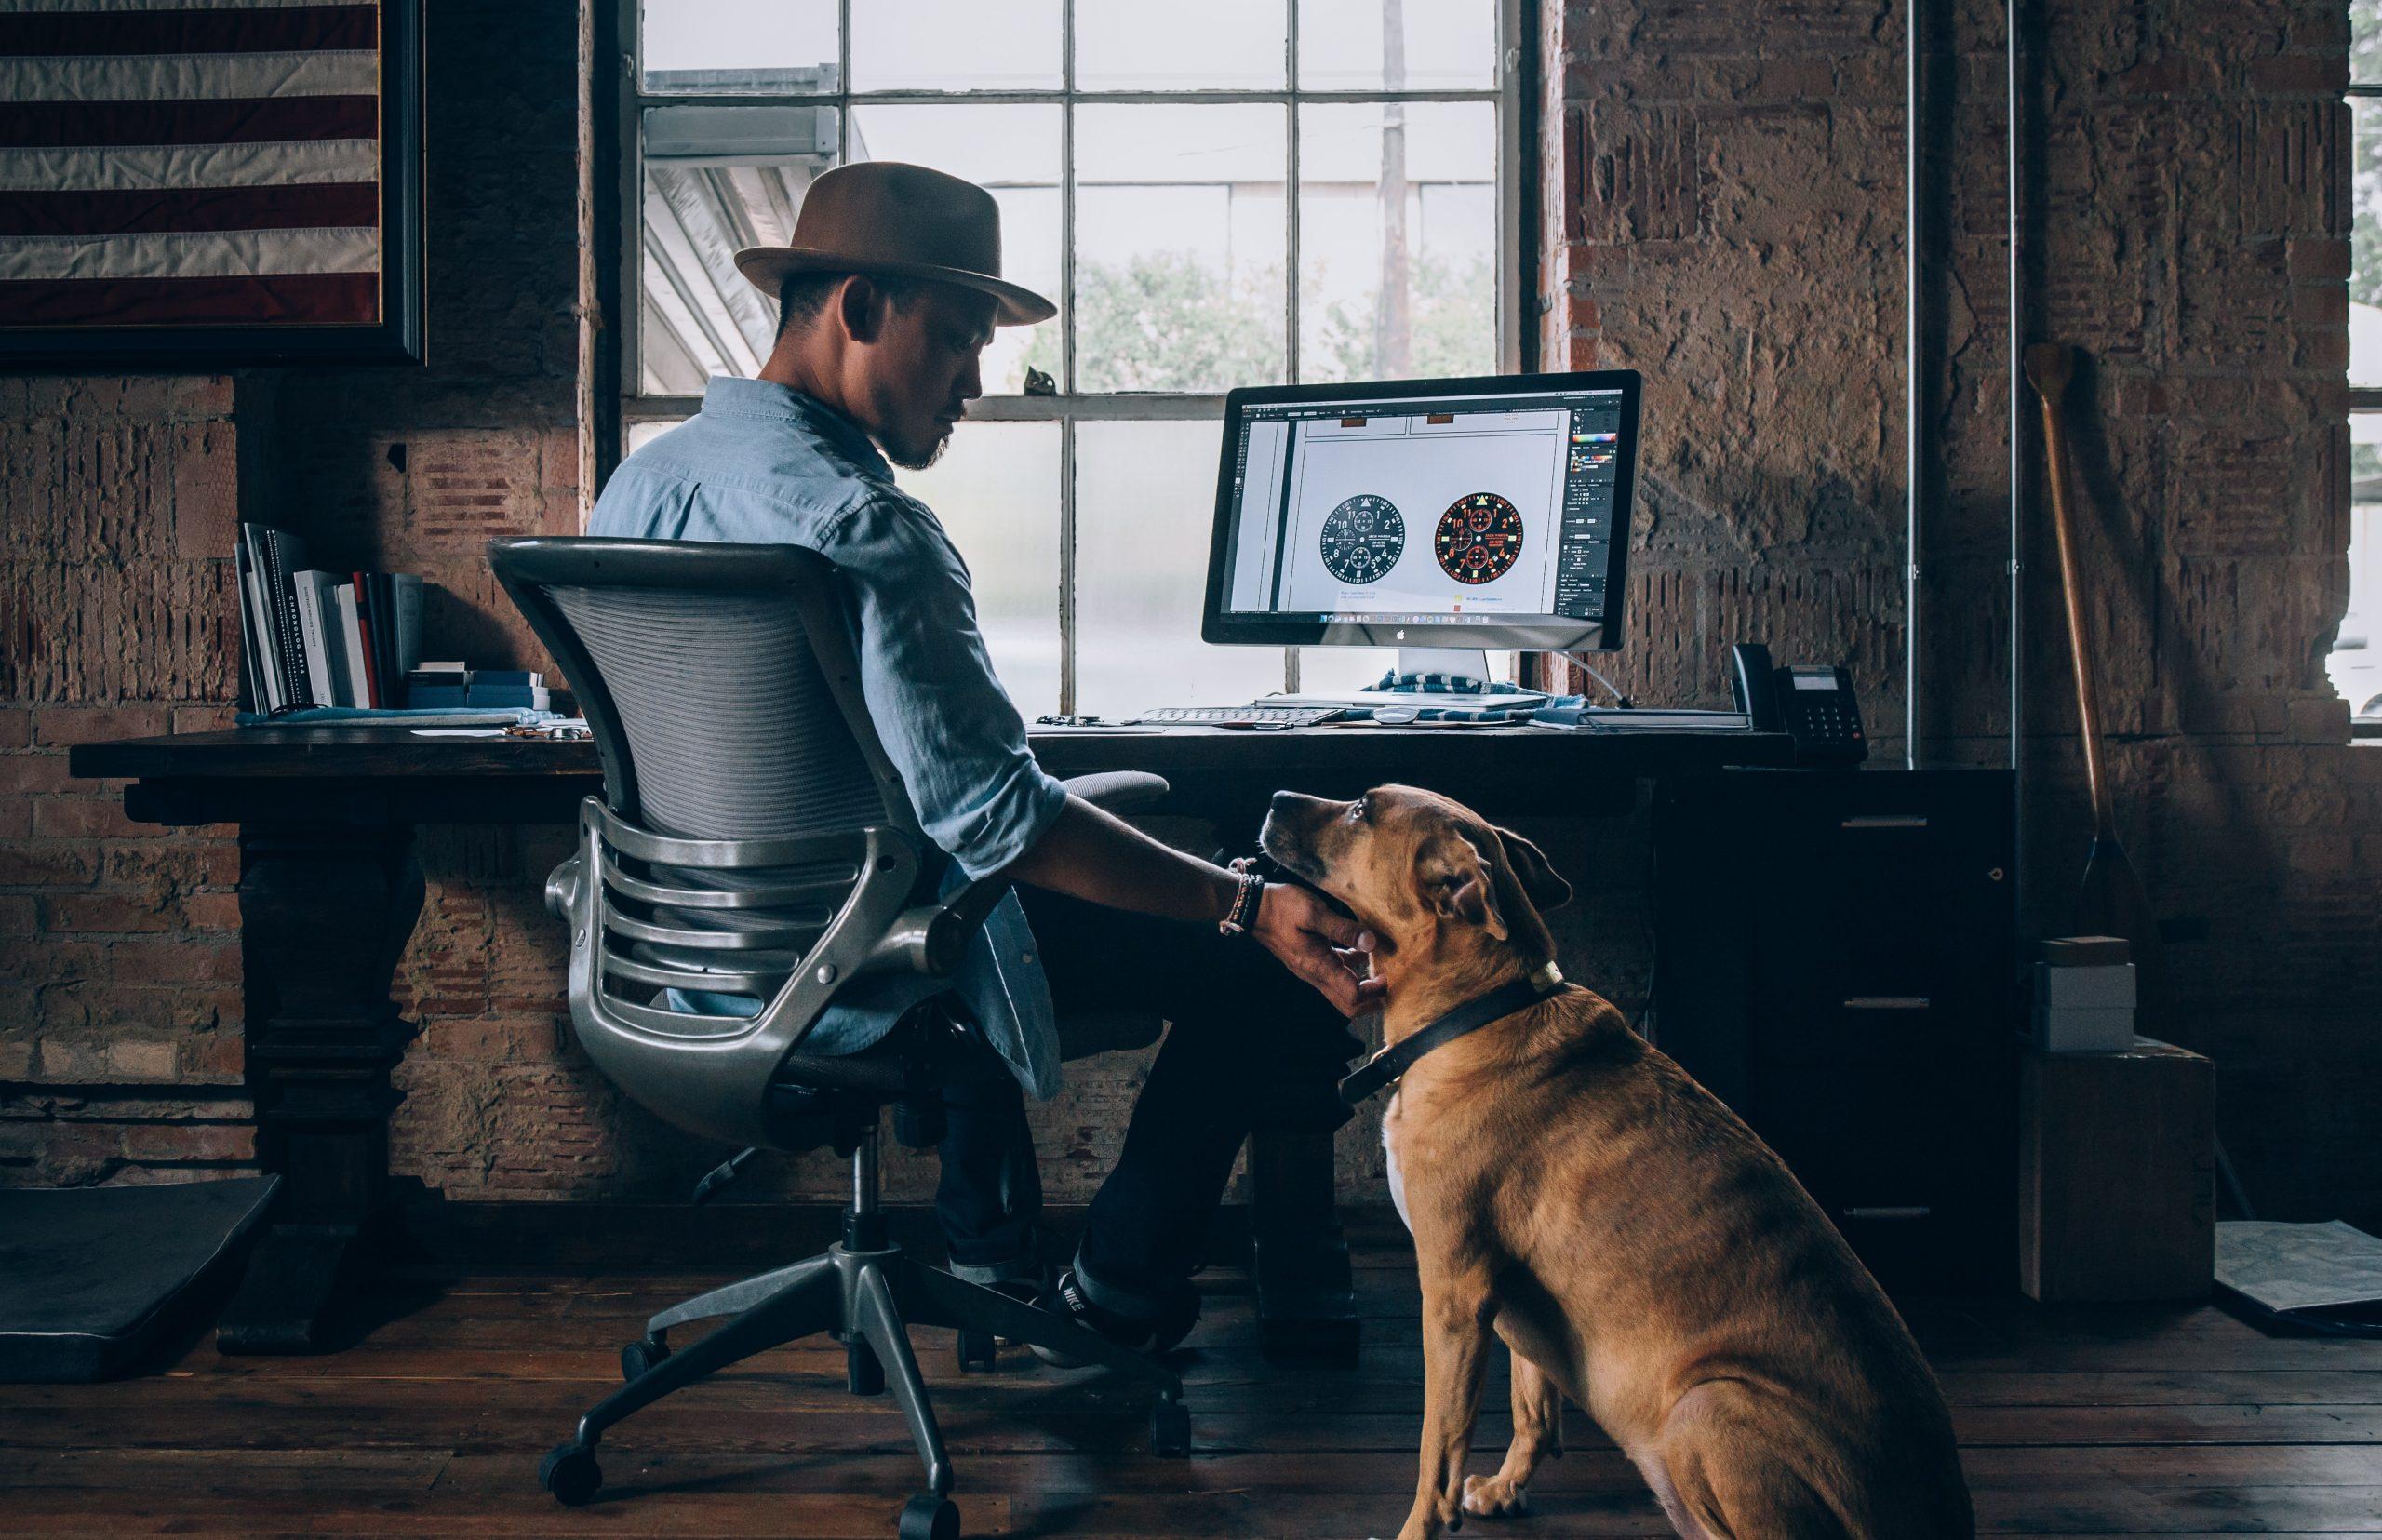 Benefici di avere il cane con sé in ufficio Pick Center